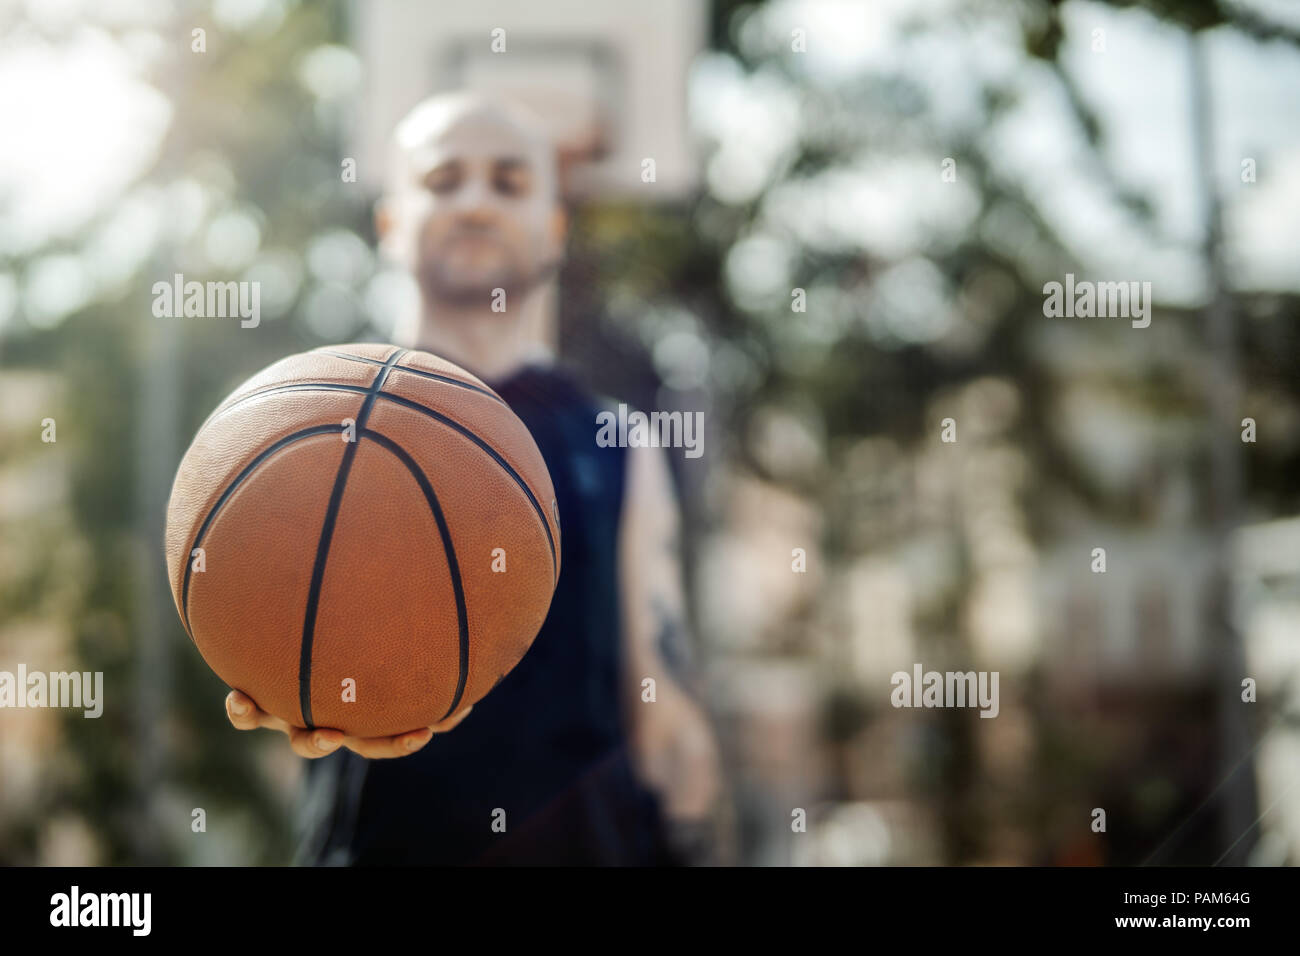 In der Nähe des Kahlen attraktiver Mann mit Korb Ball. Kugel in den Mittelpunkt und Vordergrund. Mann, Basketballkorb und Brett sind auf Hintergrund und verschwommen. Stockfoto